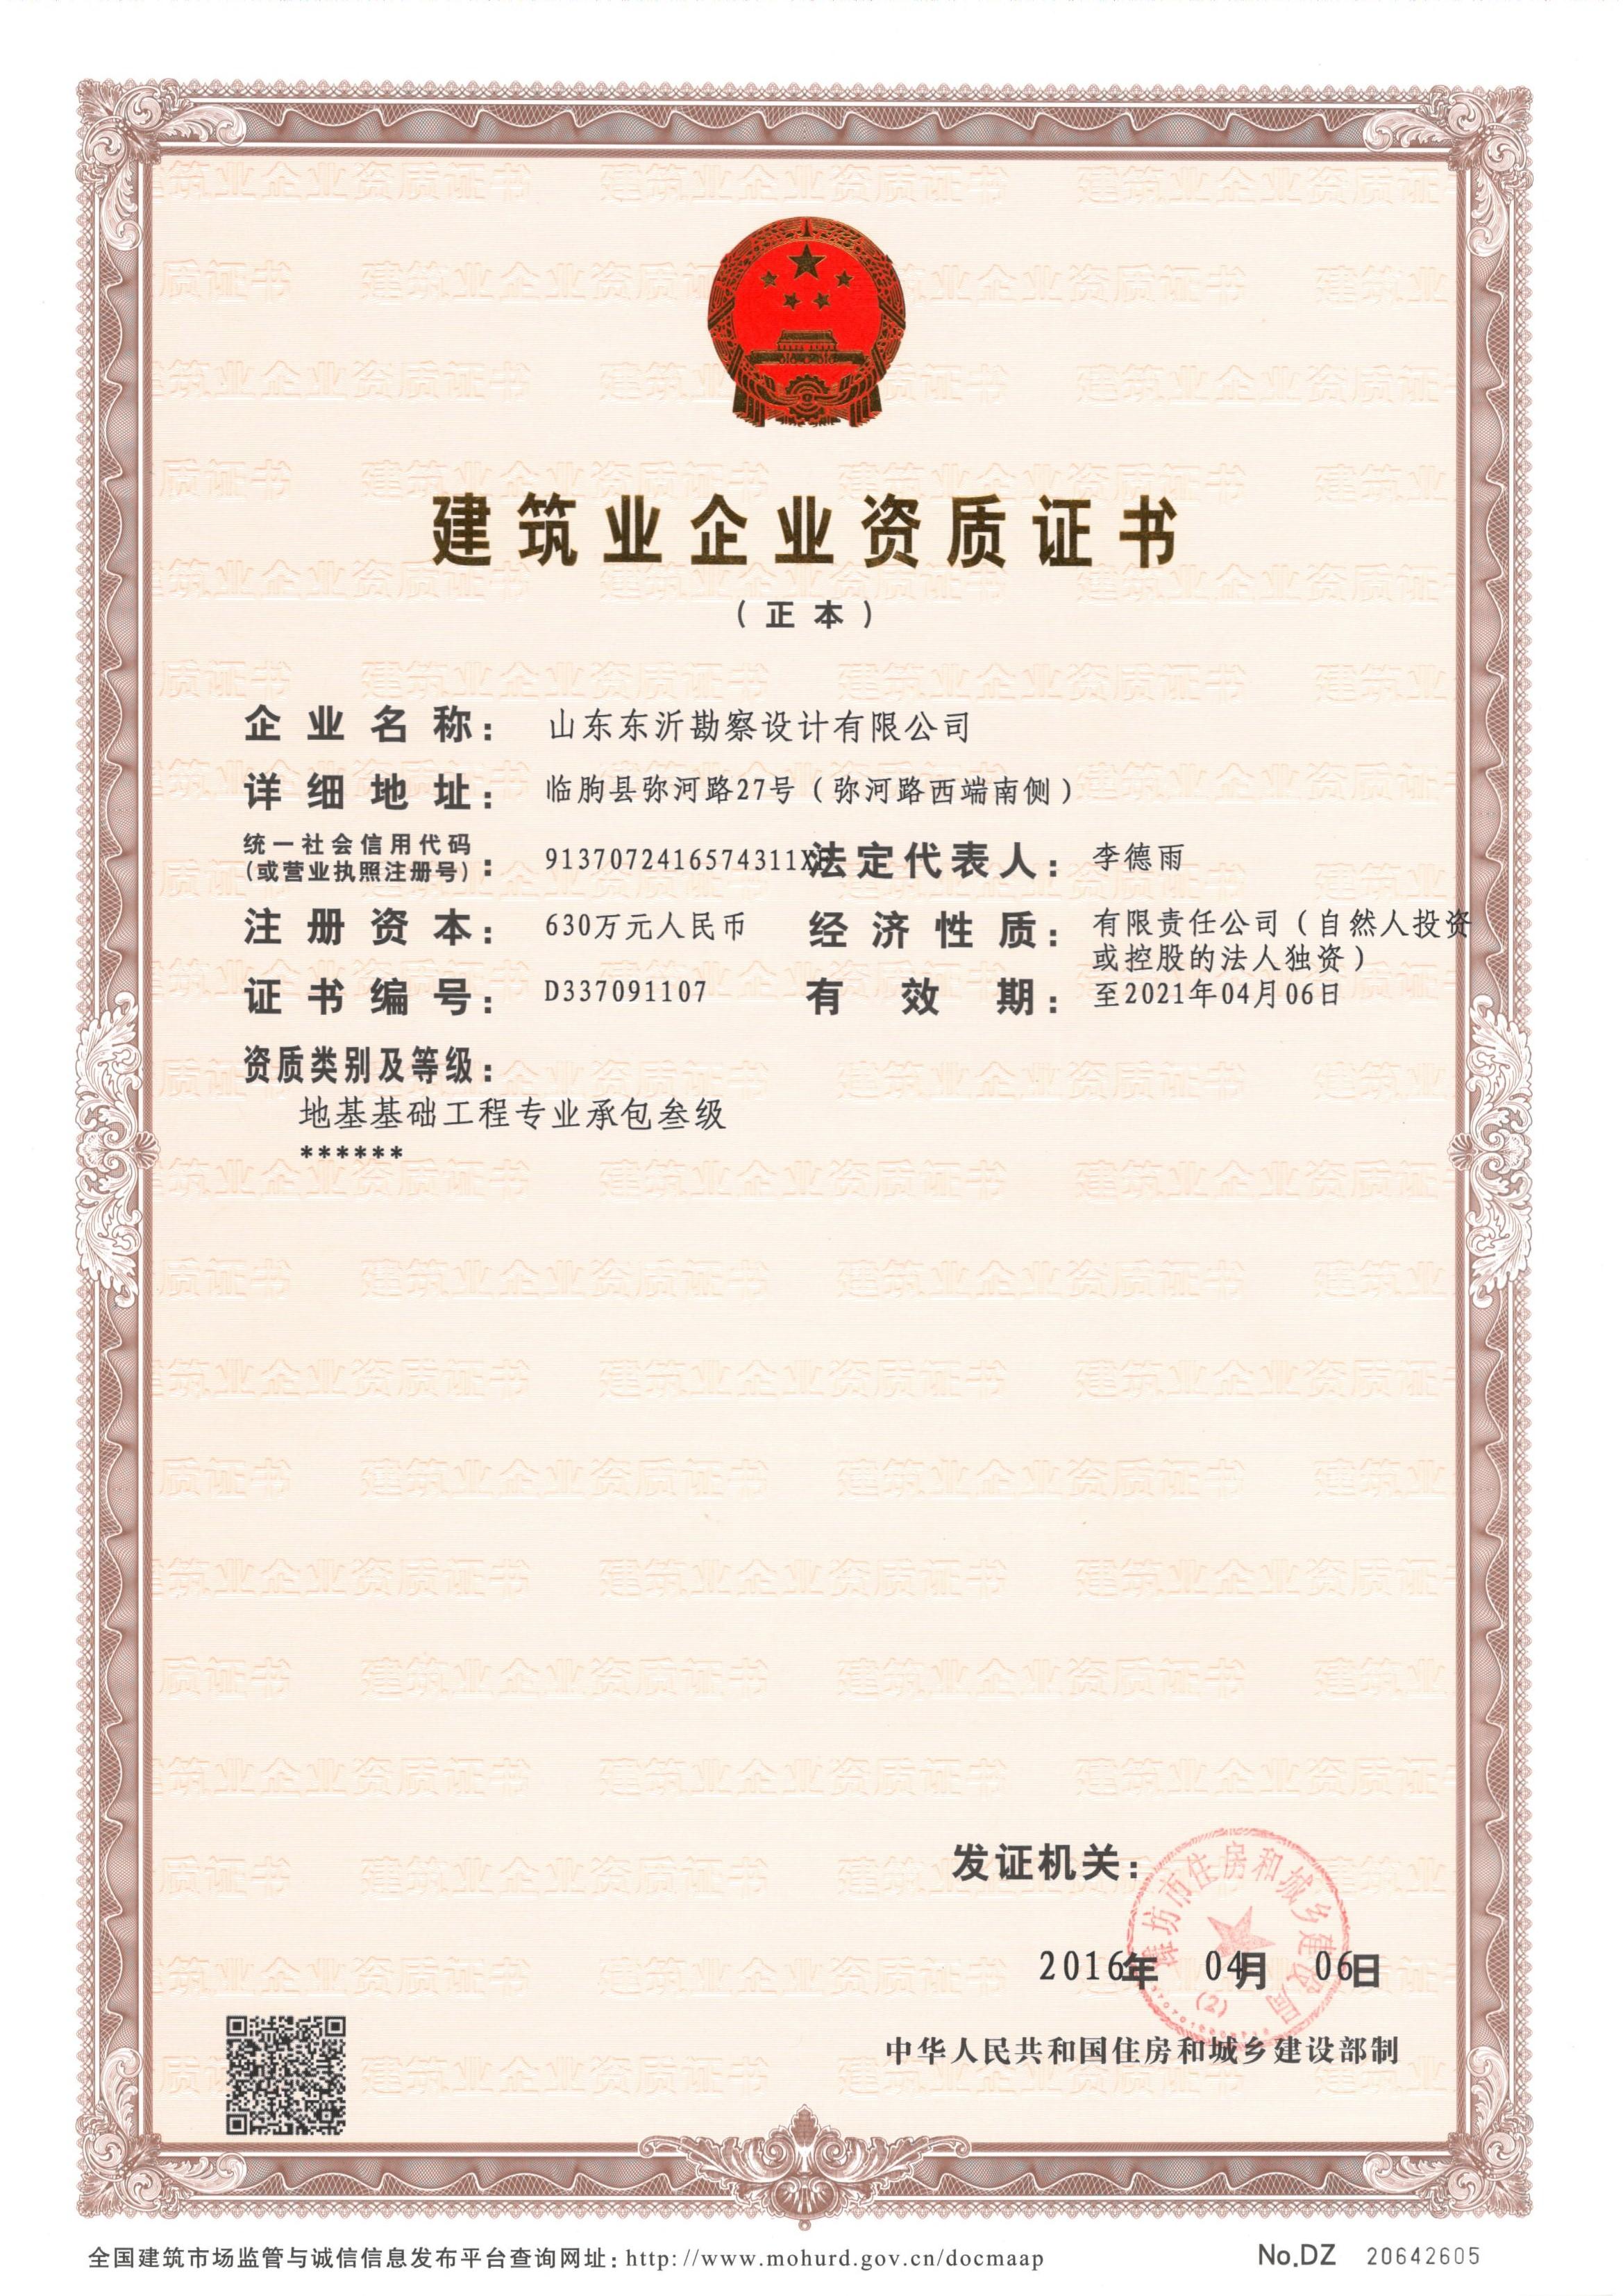 企业证书 - 东沂设计,工程勘察,建筑规划,园林景观,,.